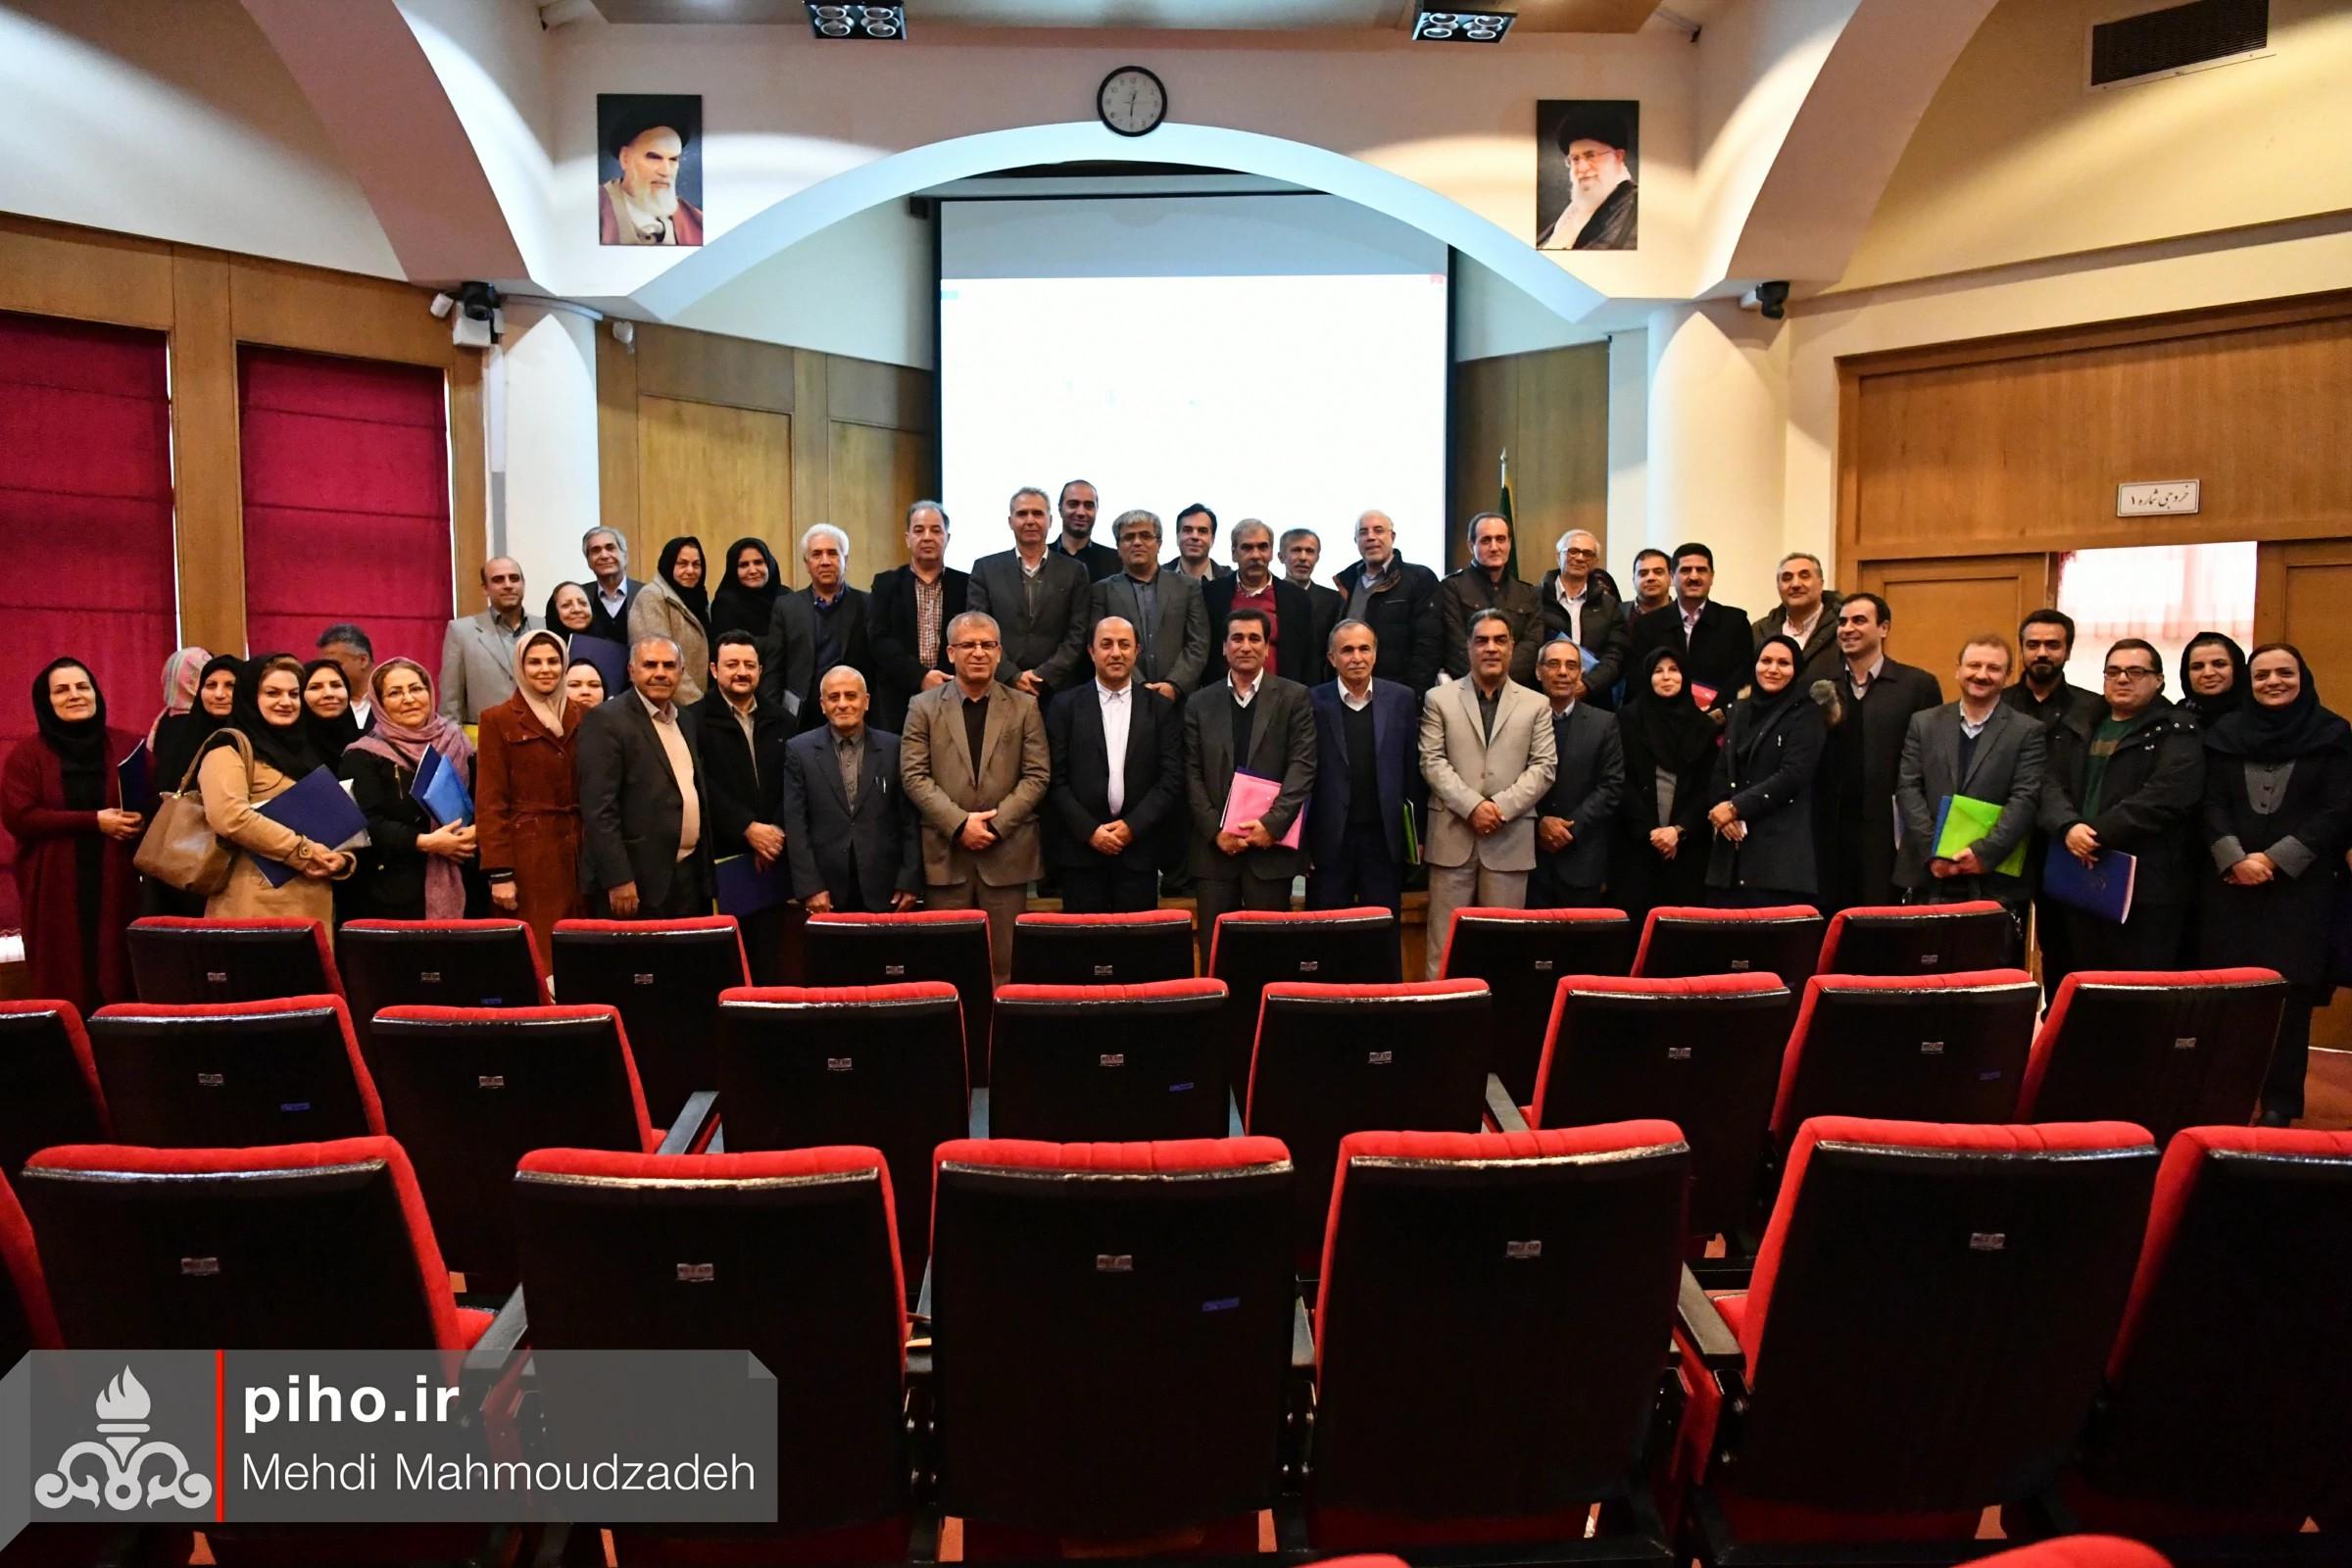 گردهمایی تاریخ پزشکی در صنعت نفت 19